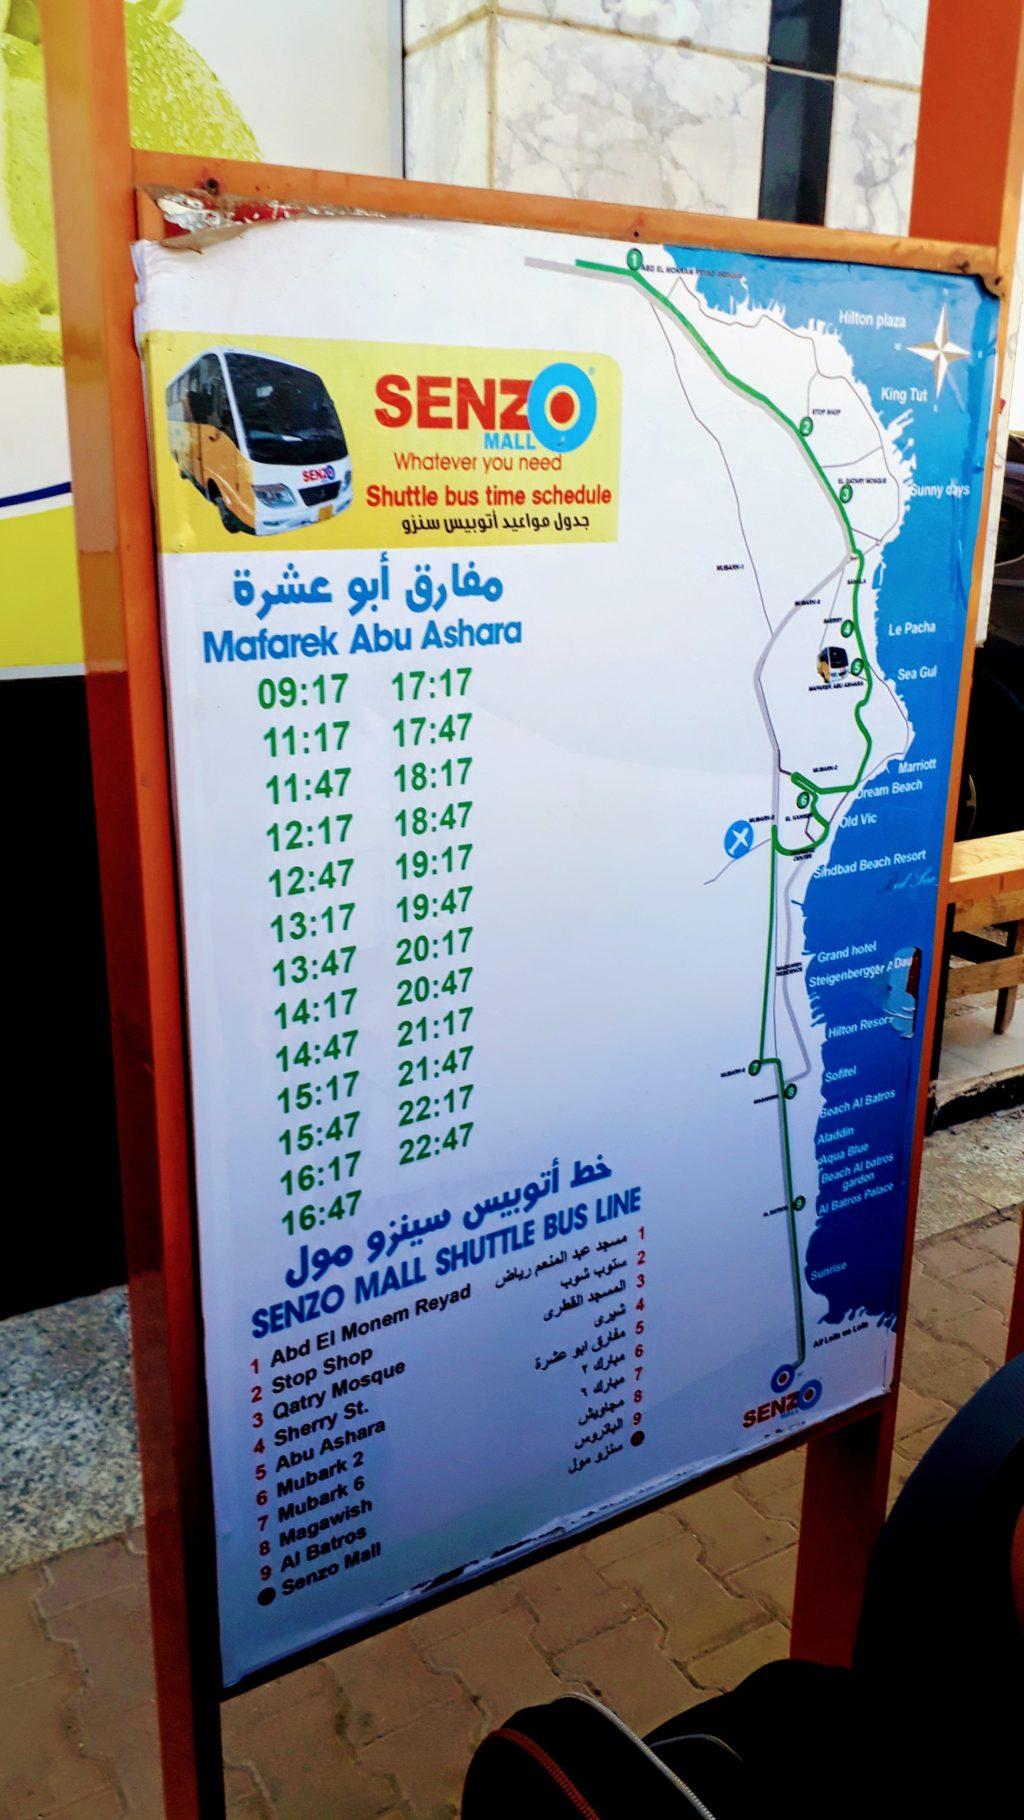 Horario del servicio de autobús de Senzo Mall en Hurghada